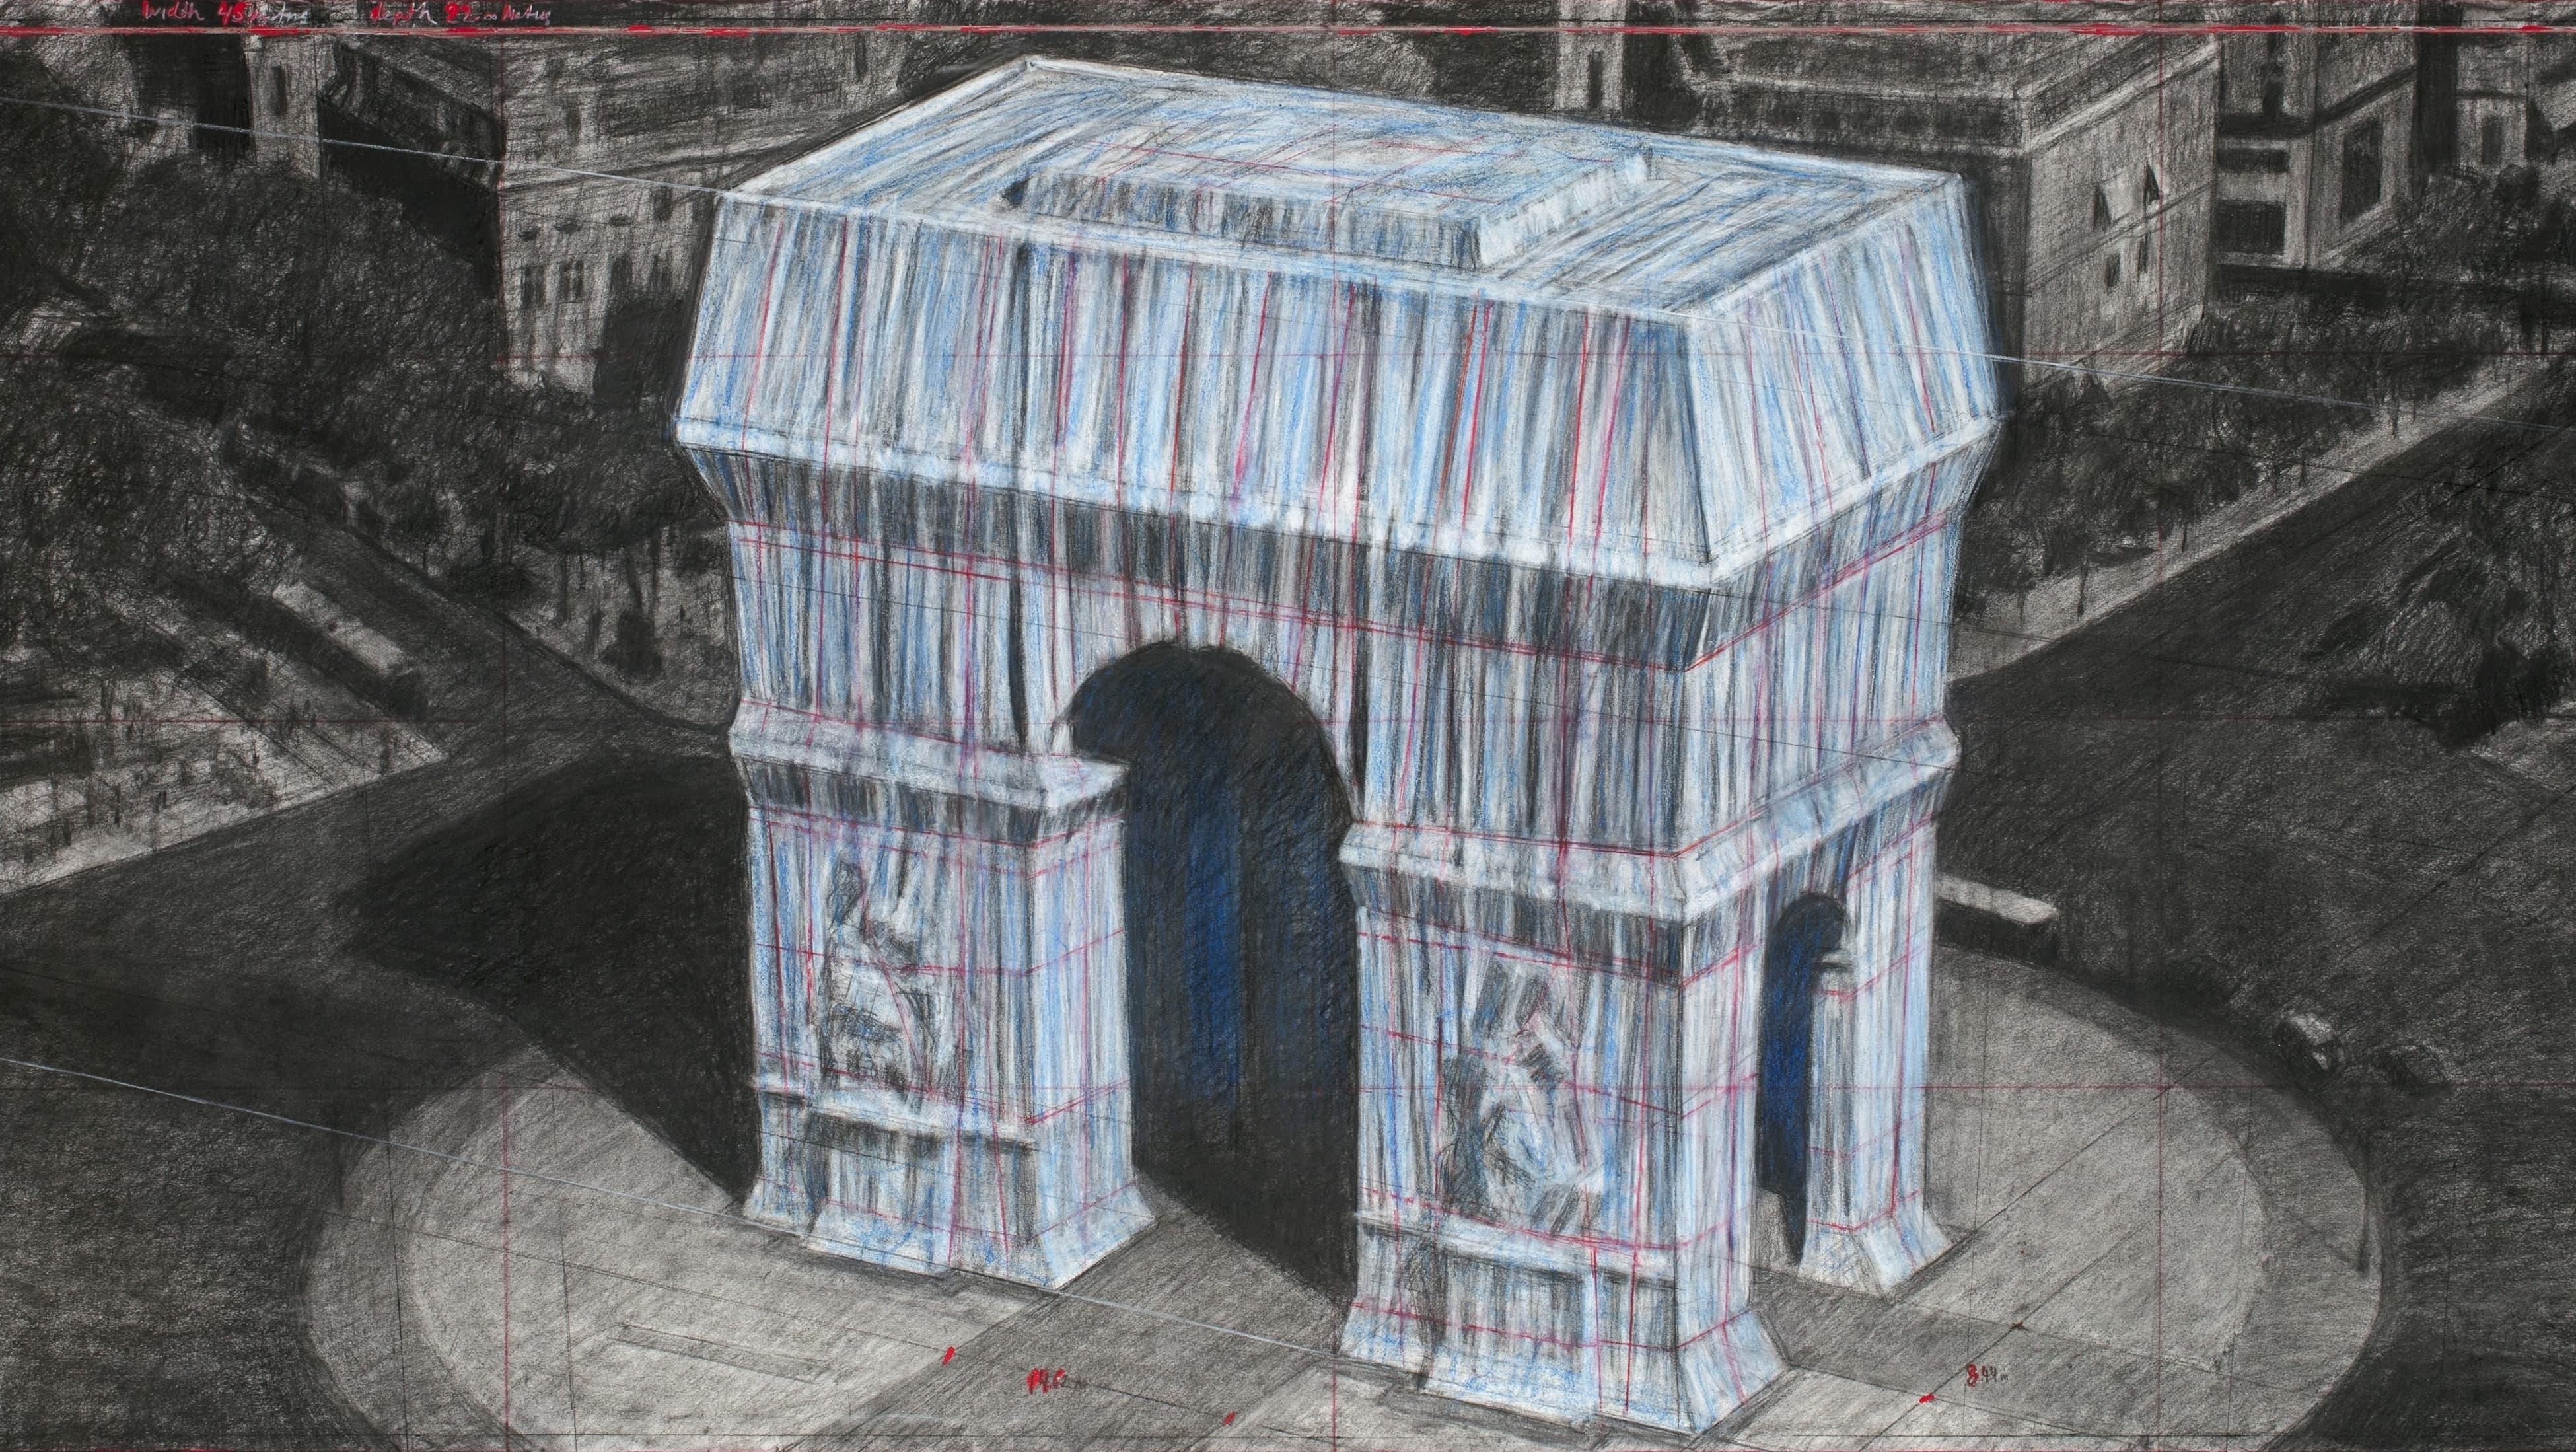 AR: Snap et Sotheby's permettent à chacun de vivre l'emballage de l'Arc de Triomphe